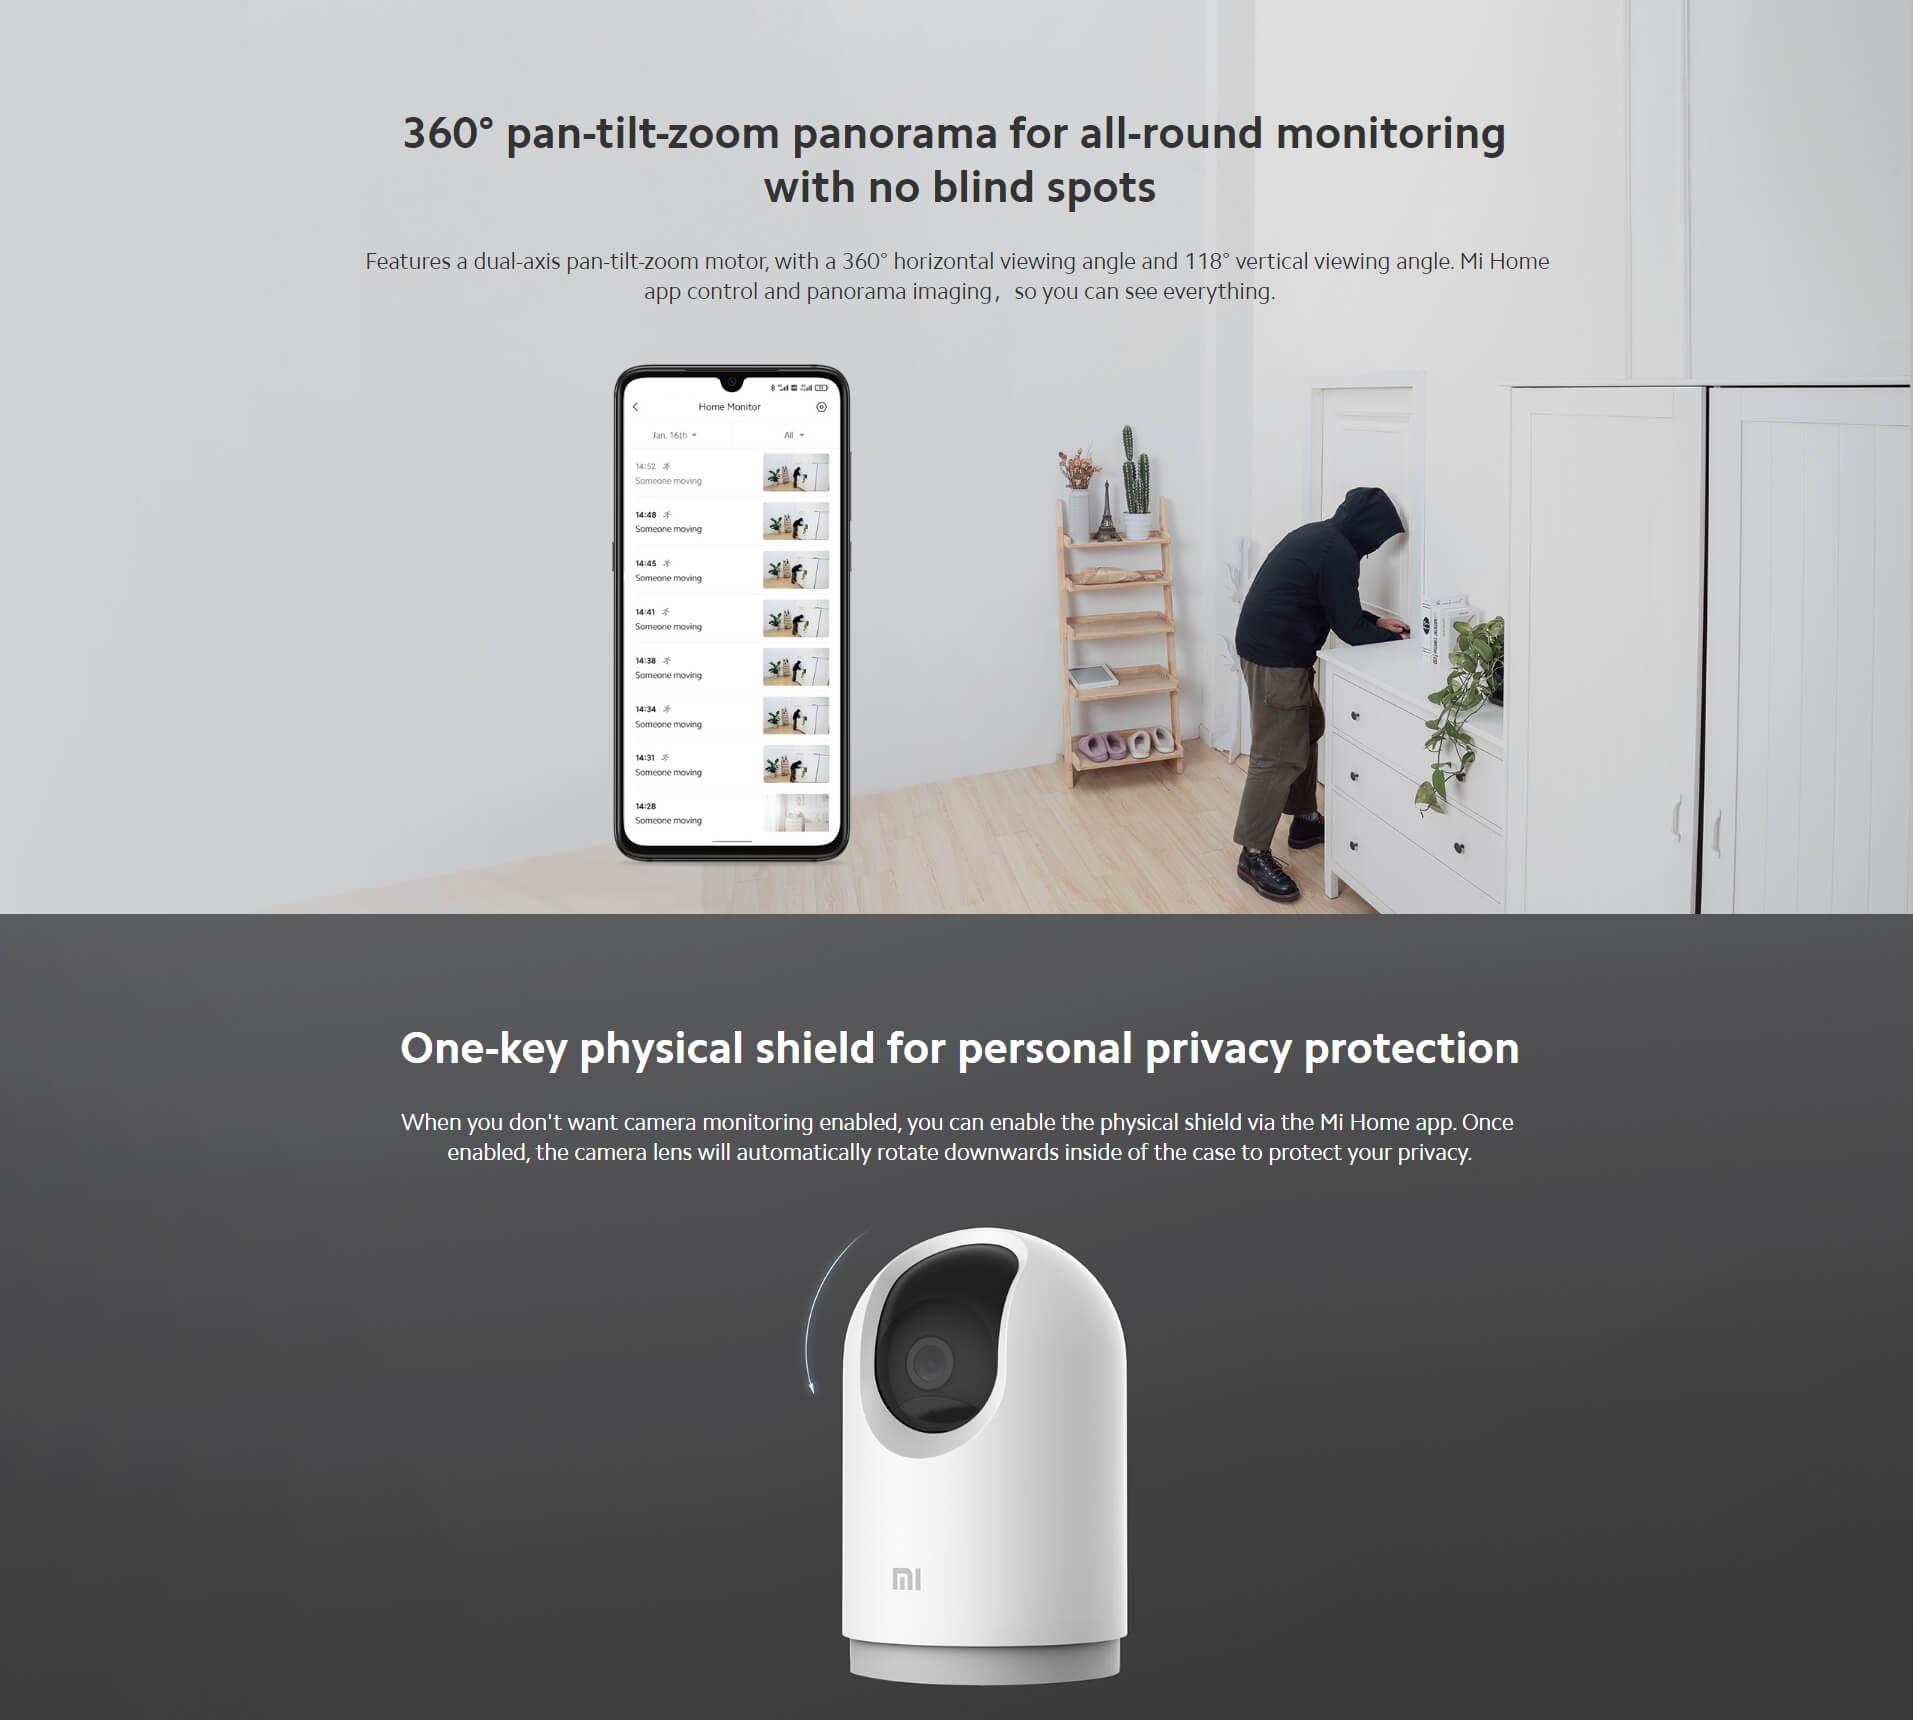 Mi 360 Home Security Camera 2k Pro 4